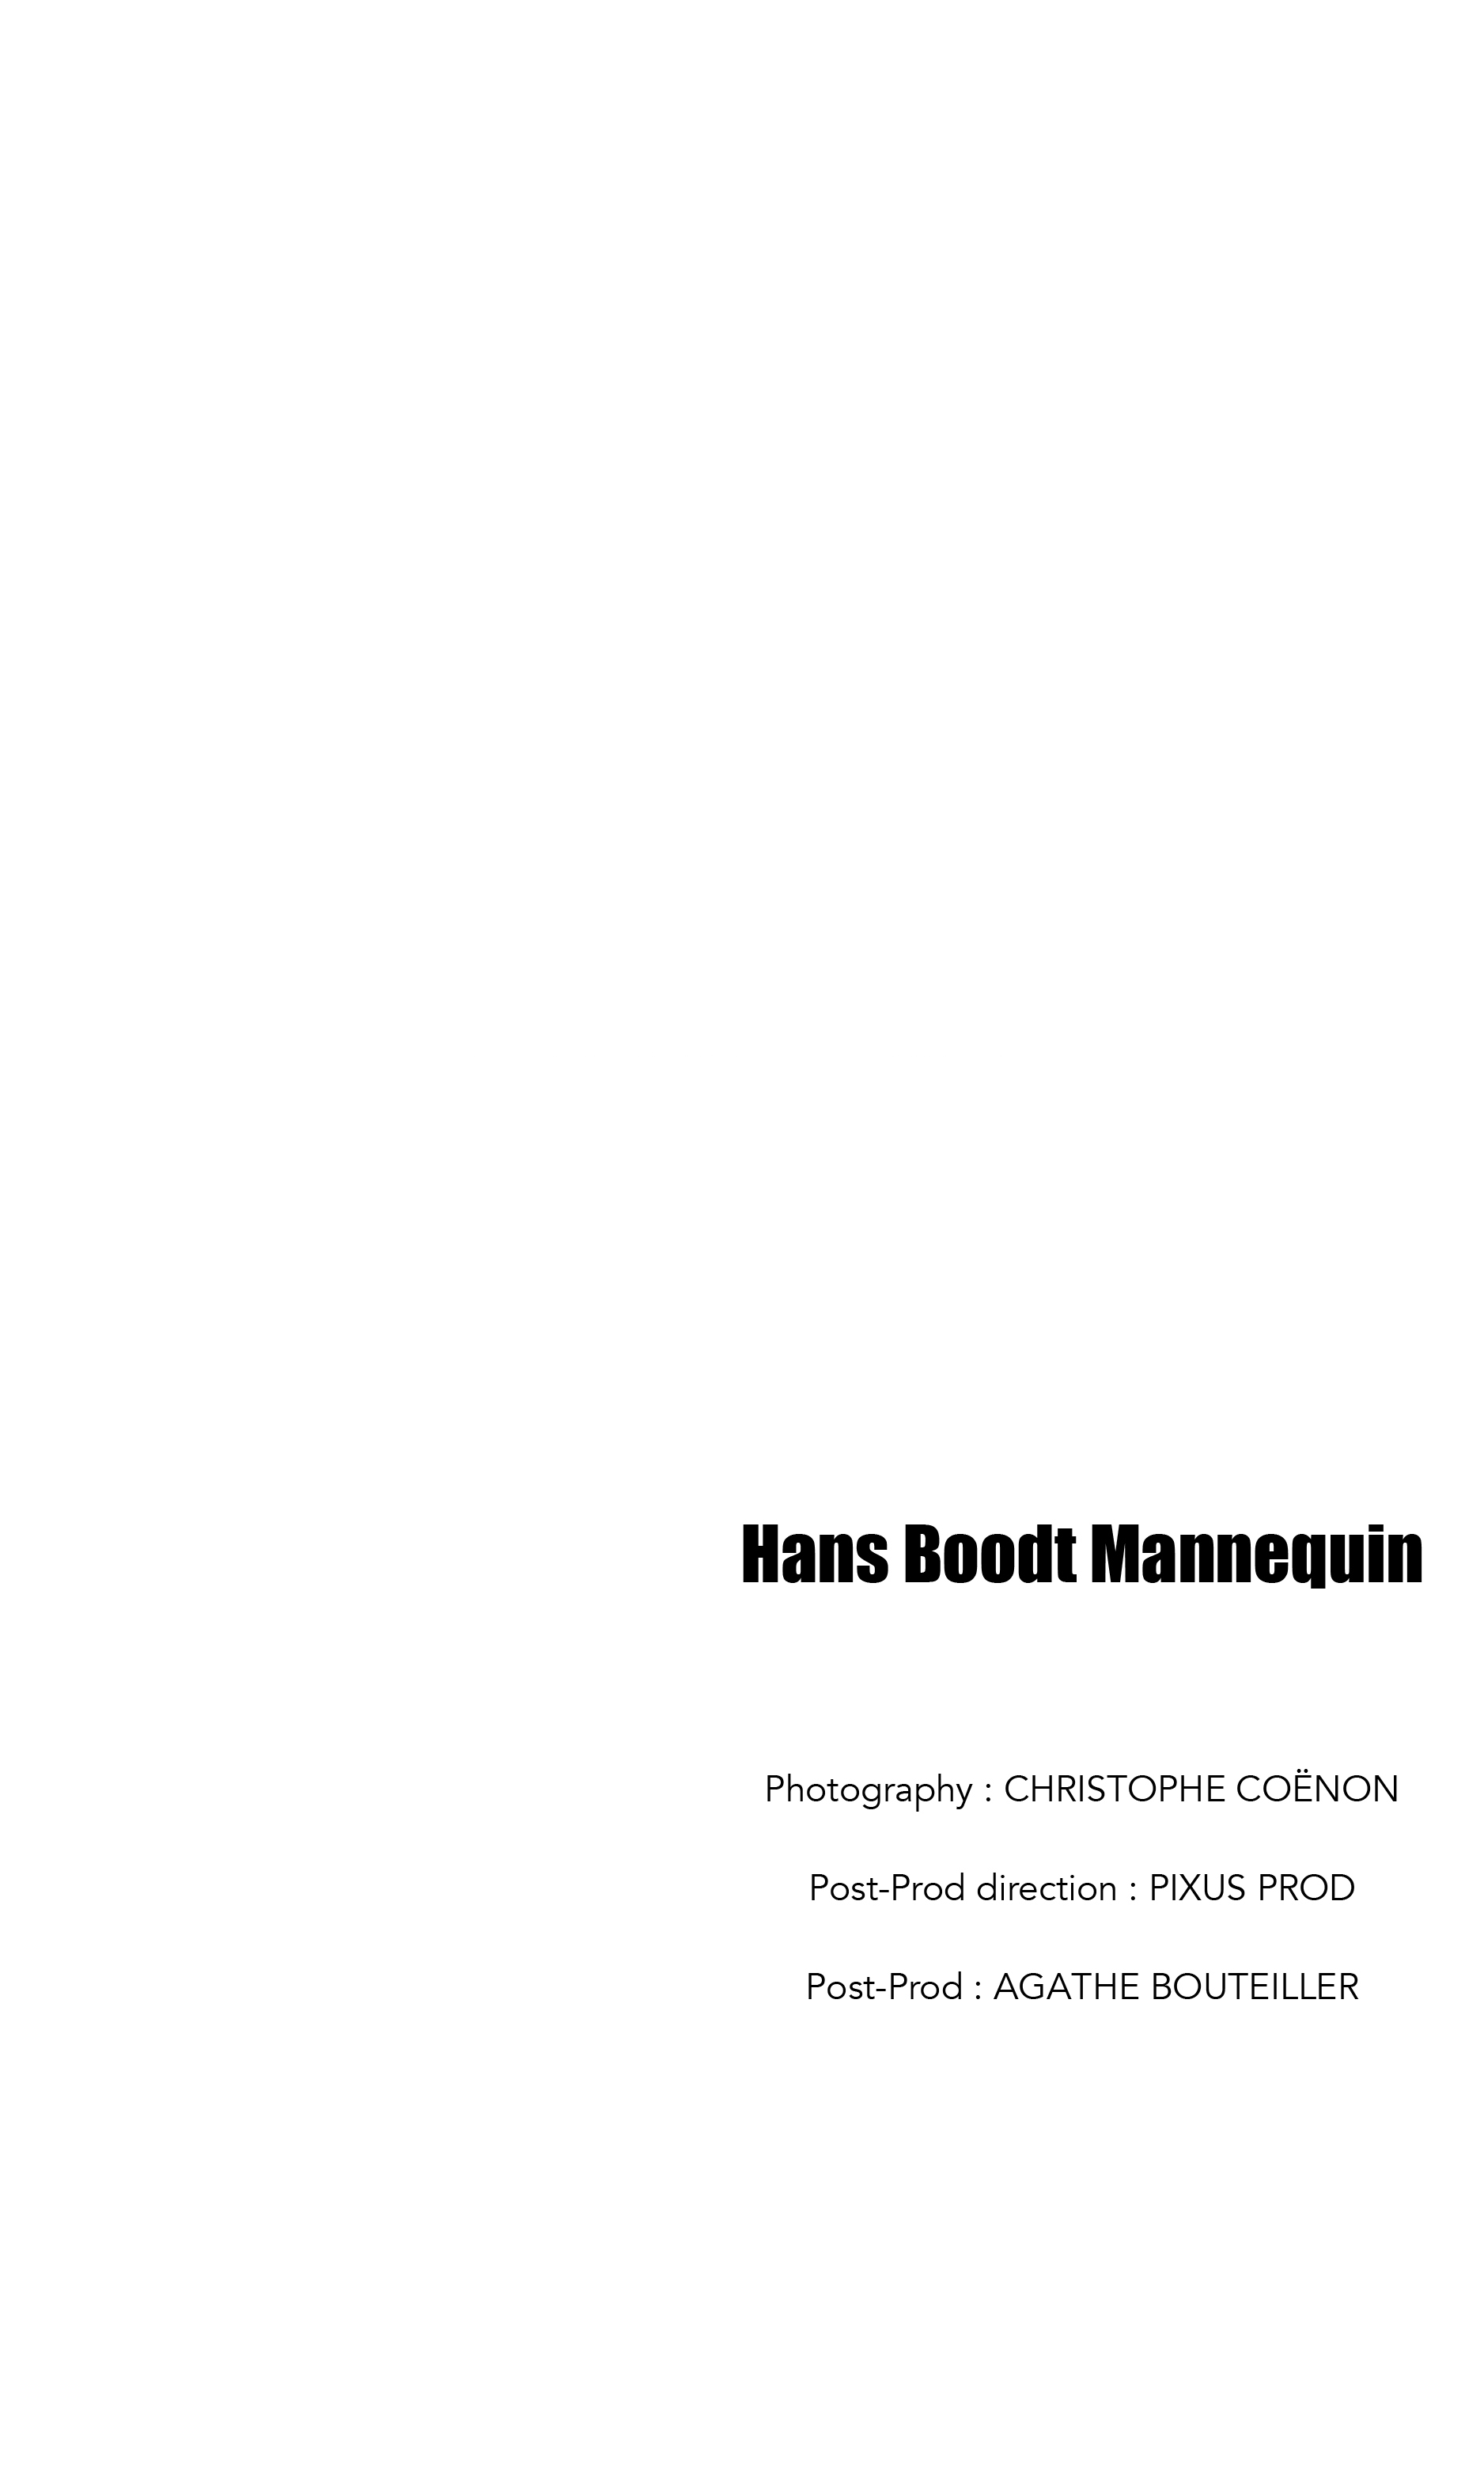 Hans Boodt Mannequin